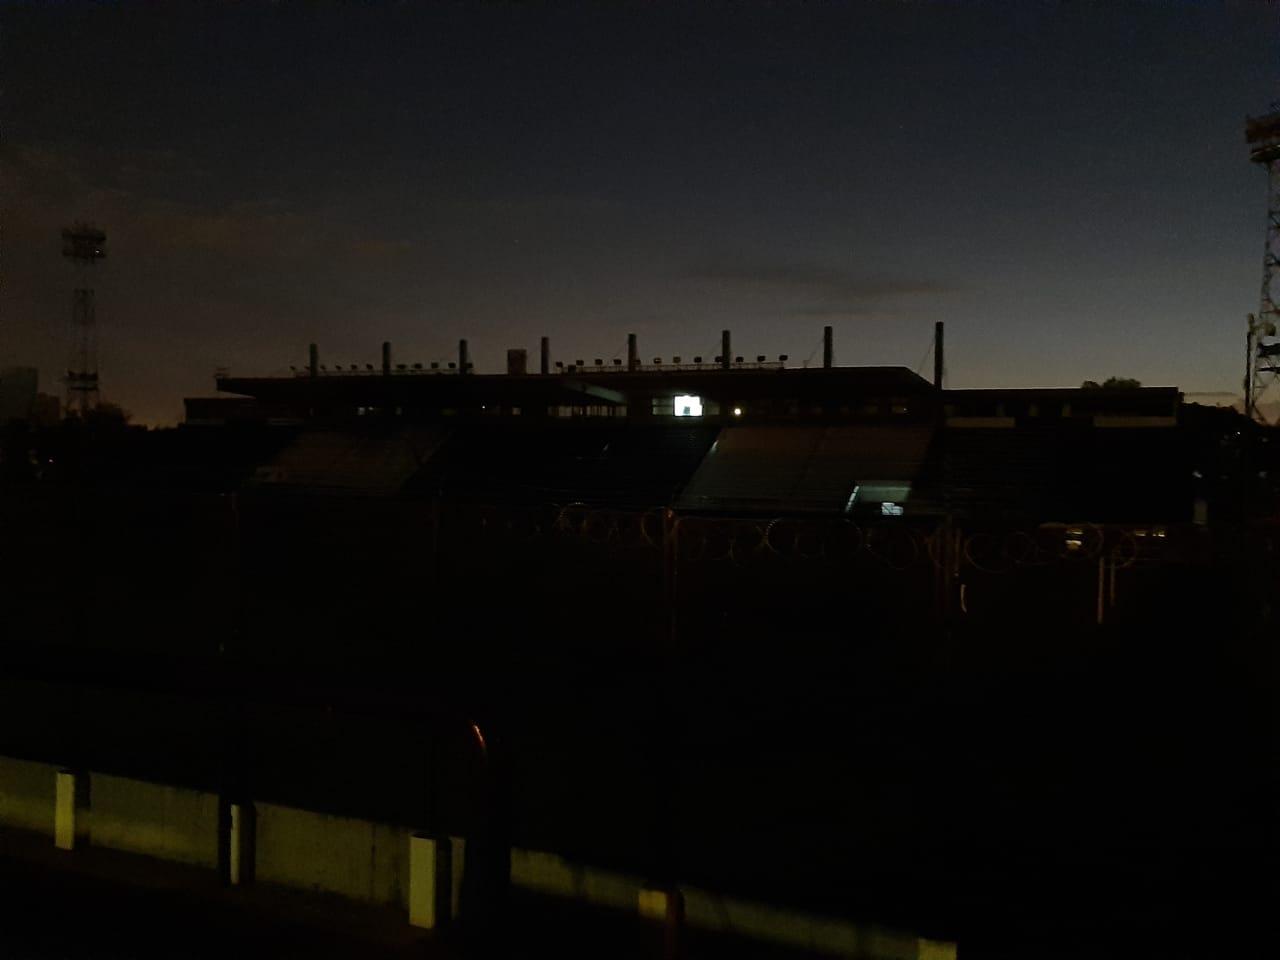 En la noche de este domingo, en el estadio encendieron la cabina desde la que transmitía Di Blasi.